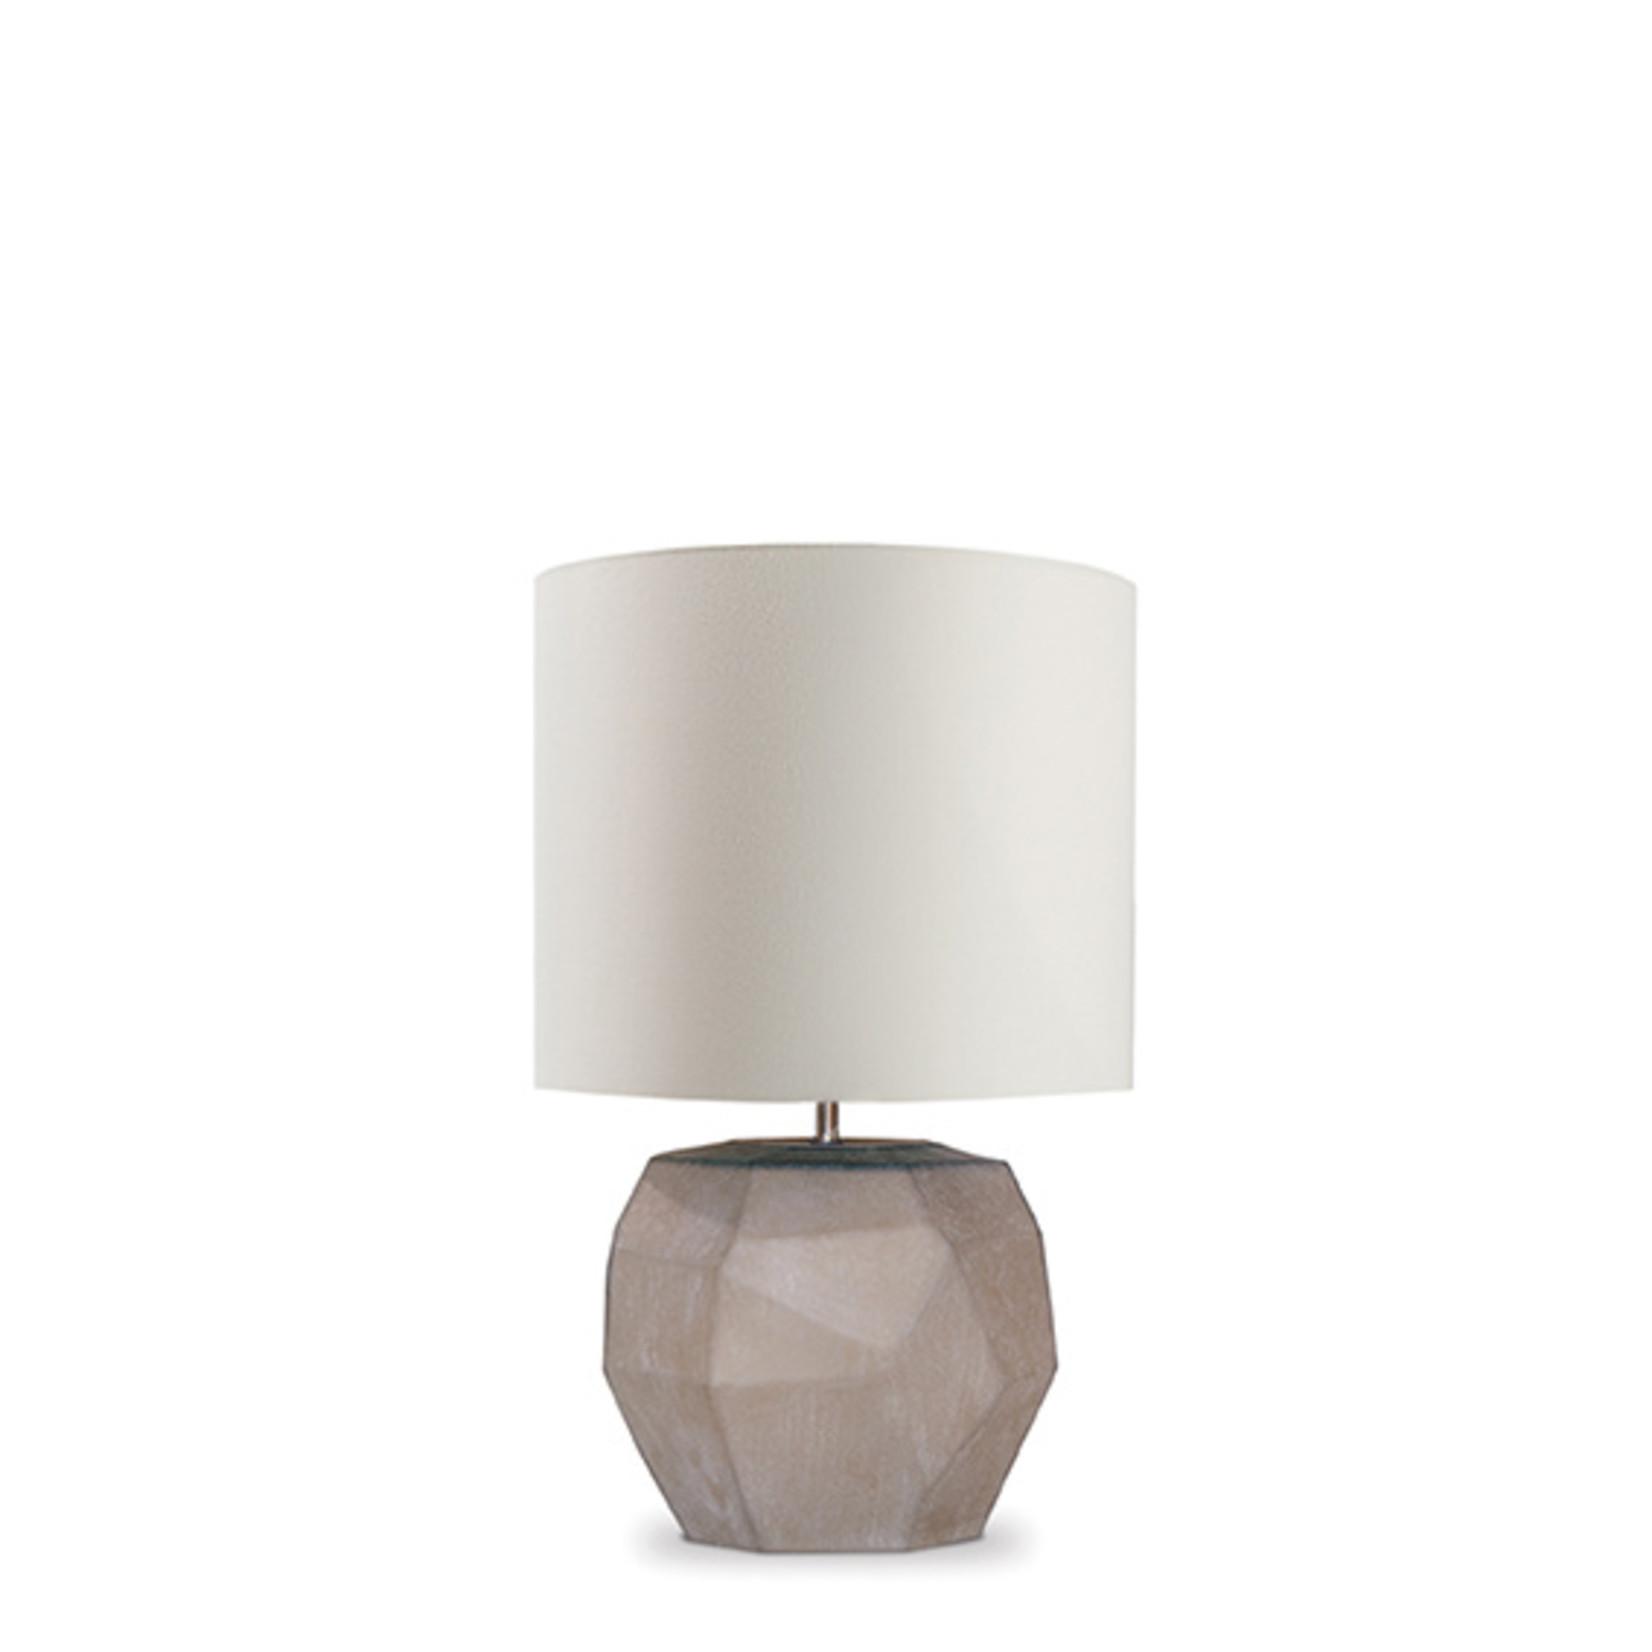 Guaxs Lampe de table cubiste ronde   Smokegrey